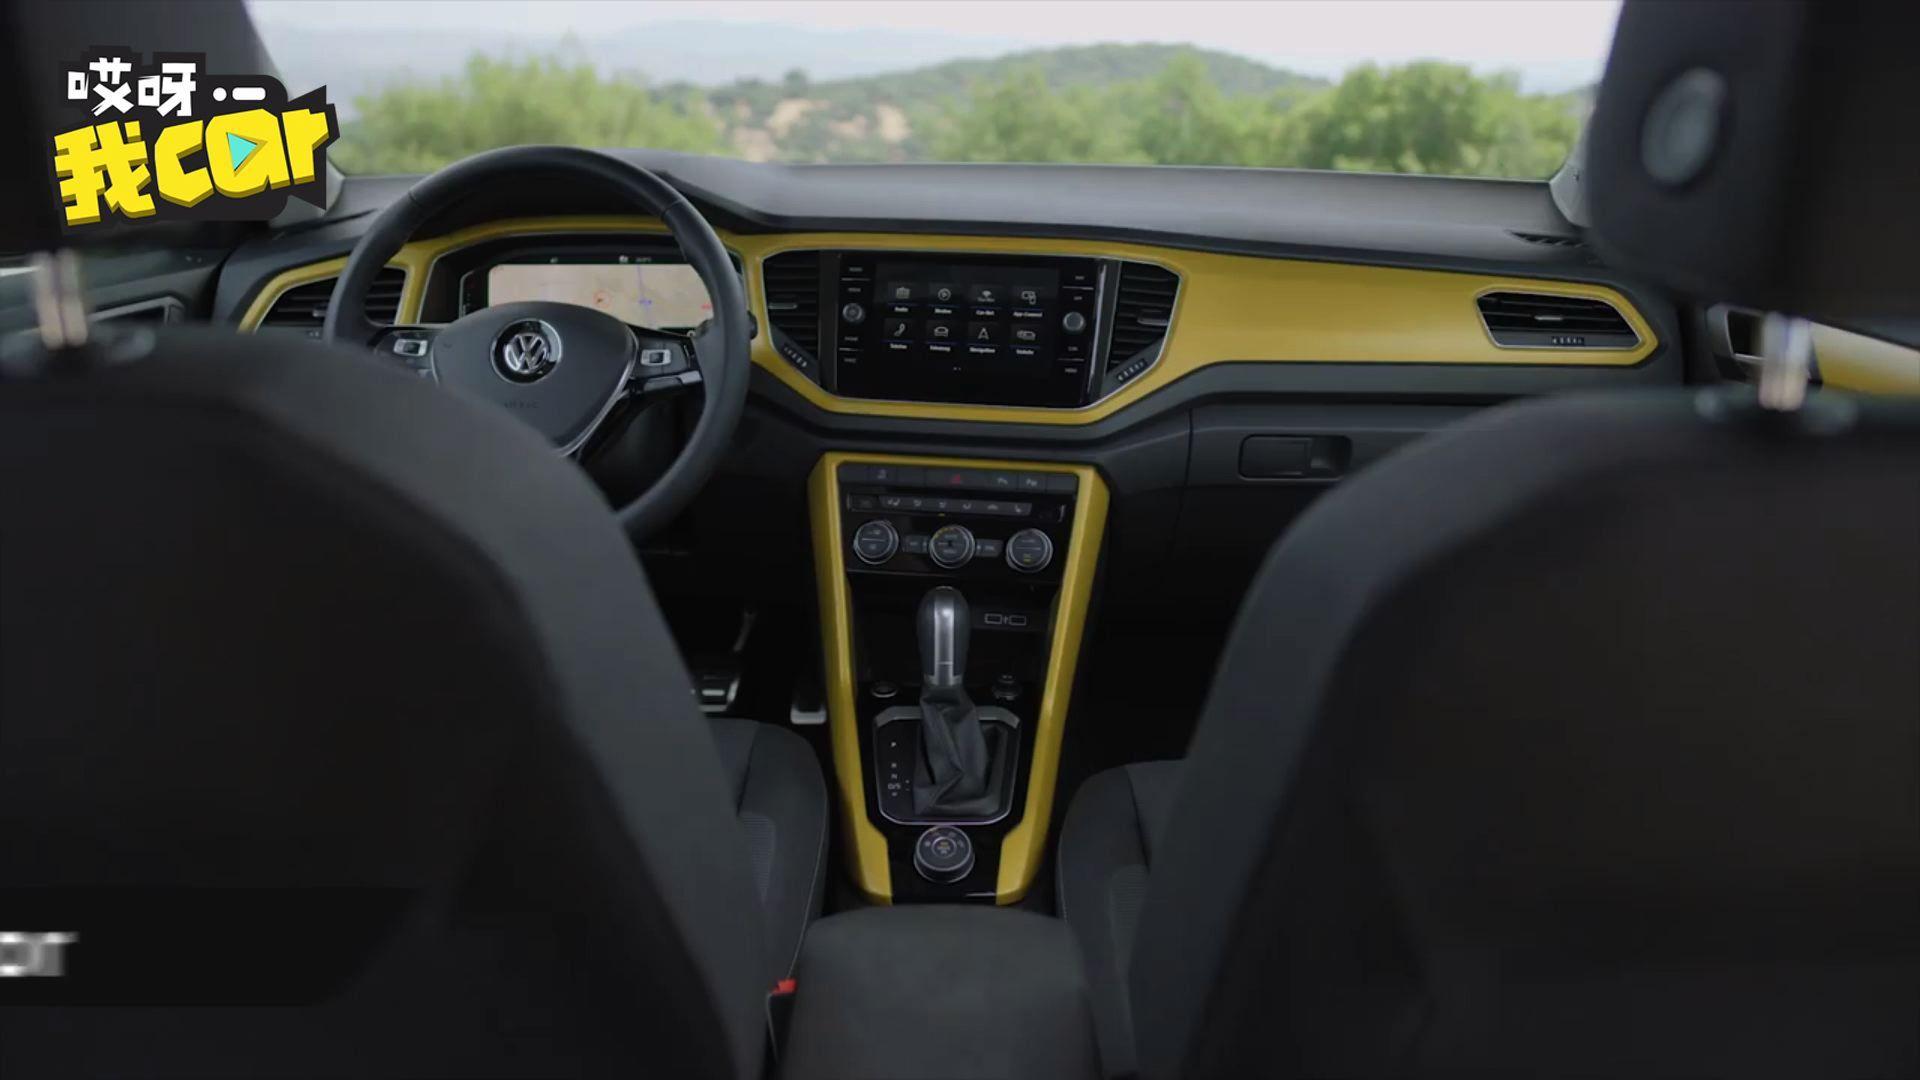 16万起售 一汽大众首款SUV大众T Roc即将上市 亮点抢先看